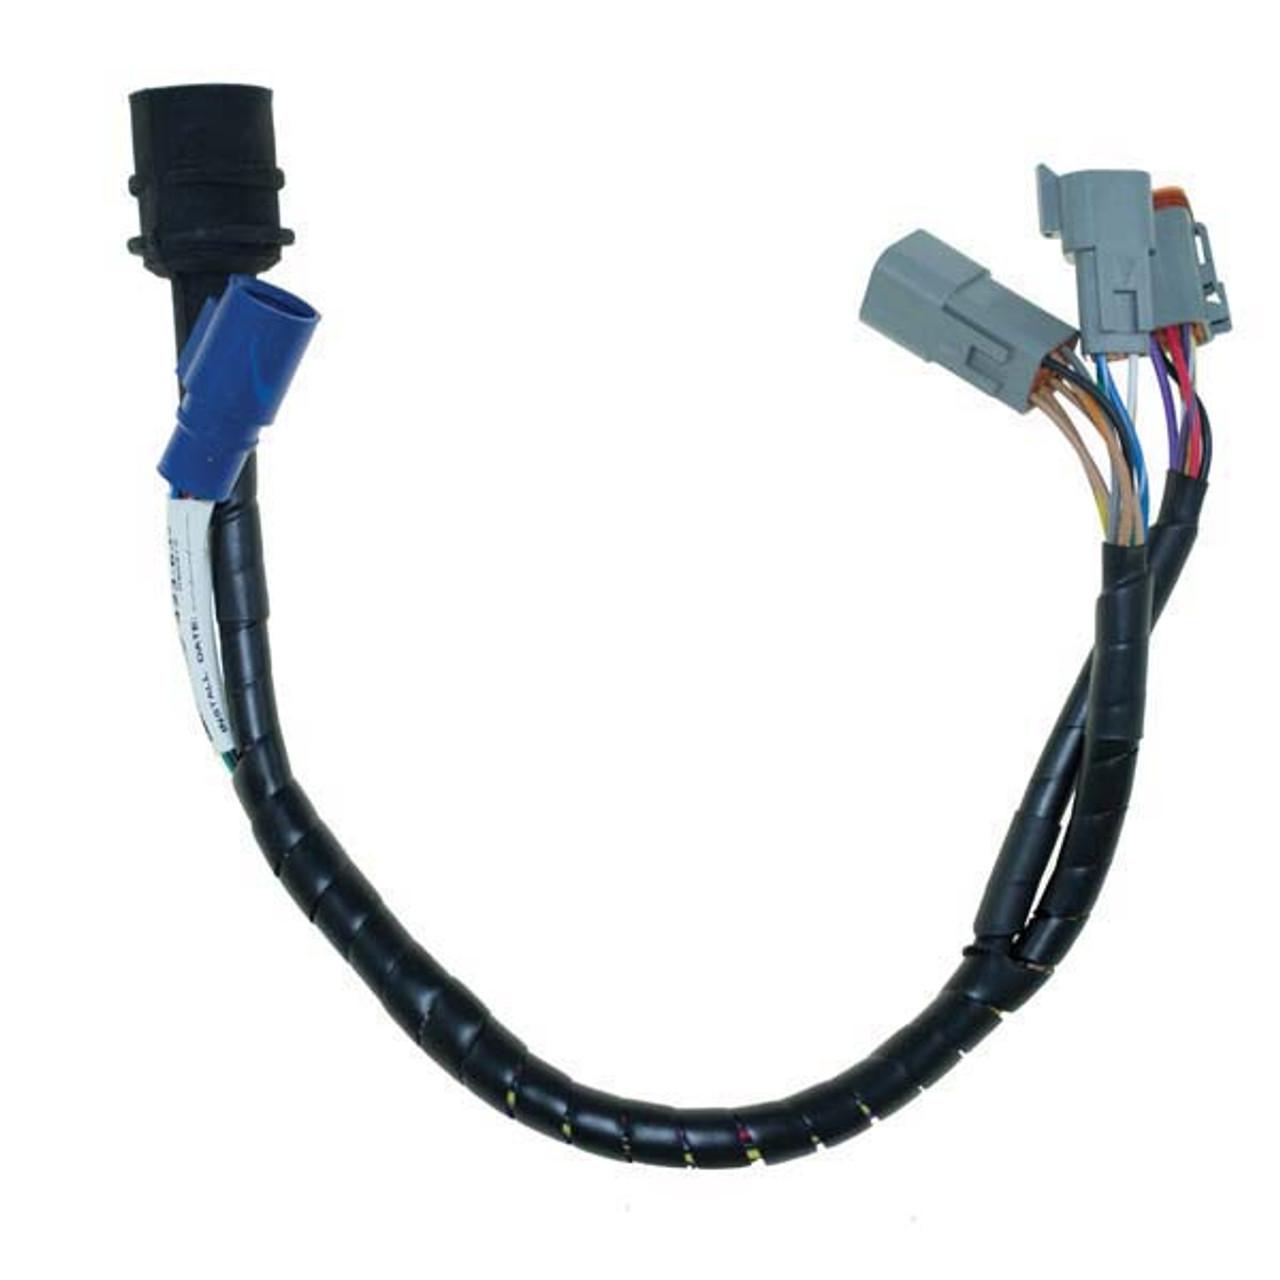 evinrude wire harness cdi 423 6344 johnson evinrude adapter harness  cdi 423 6344 johnson evinrude adapter